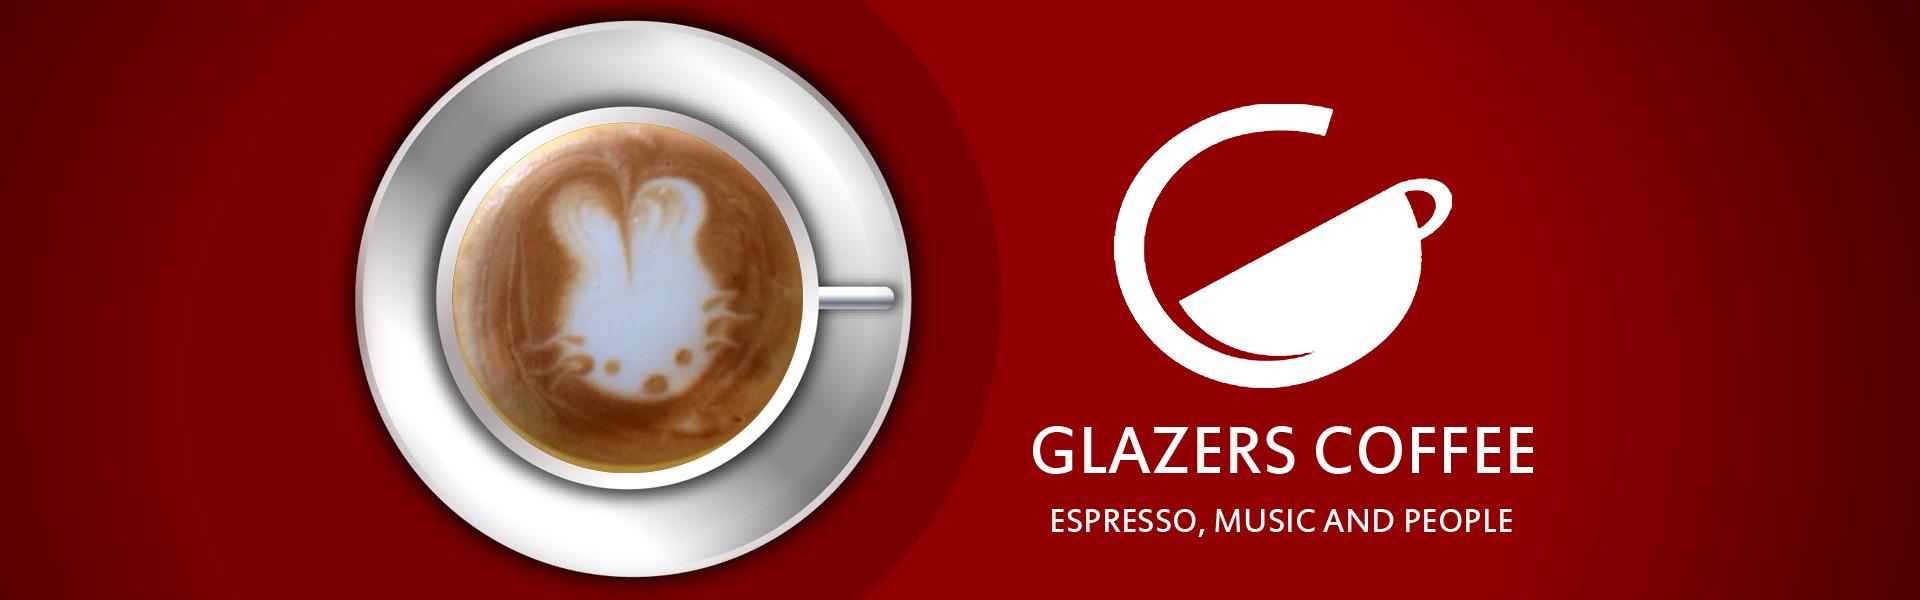 Glazers Coffee